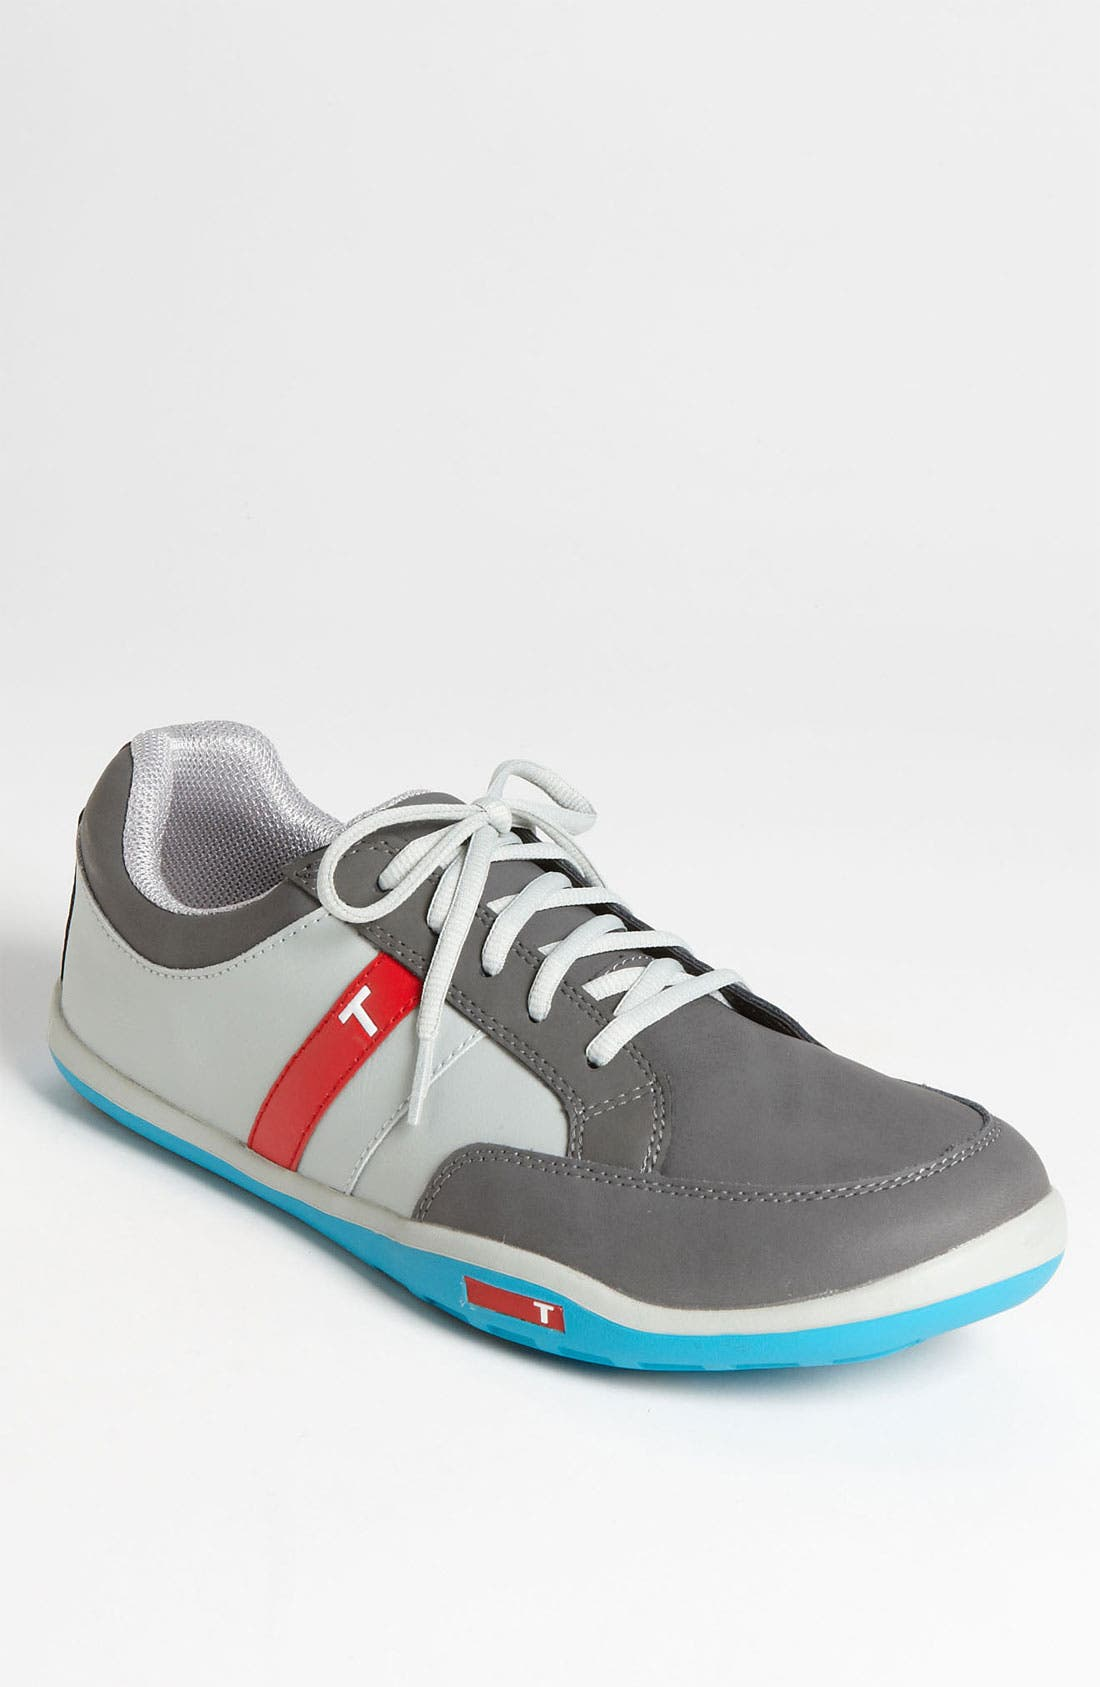 Main Image - TRUE linkswear 'TRUE phx' Golf Shoe (Men)